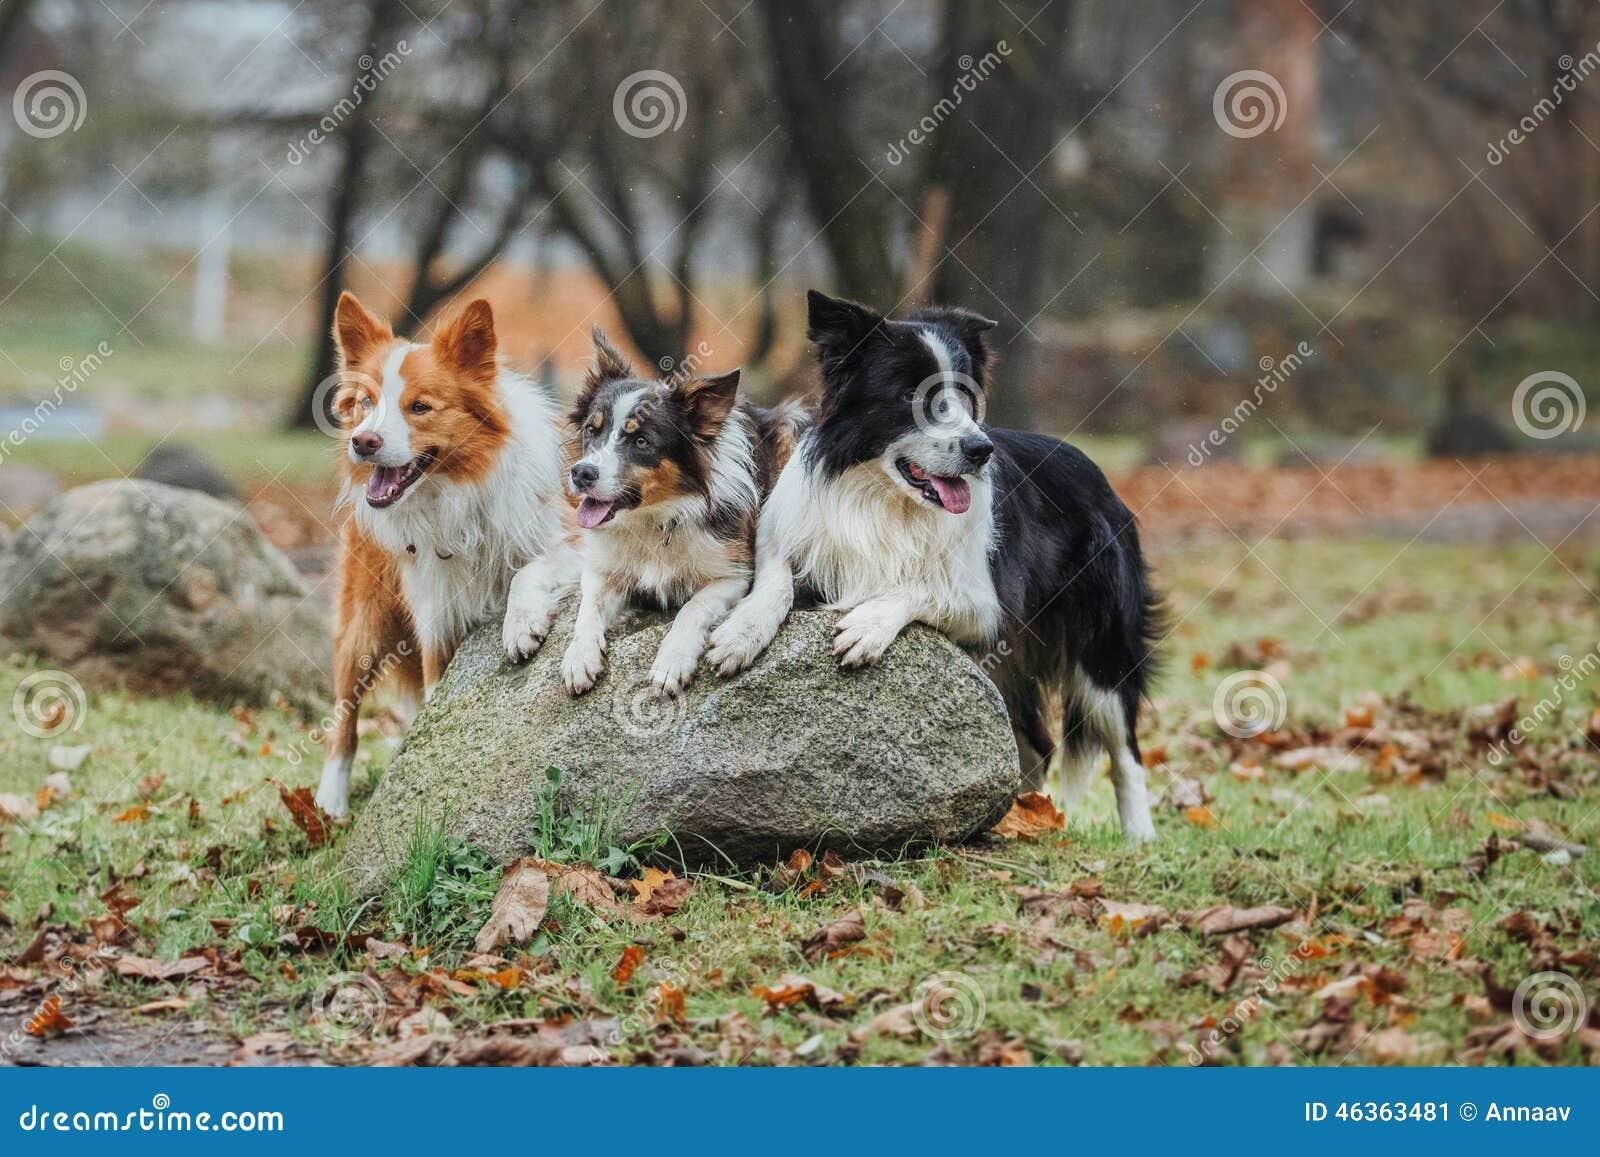 Ergebene Hunderasse border collie Porträt, Herbst, Natur, Tricks, bildend aus